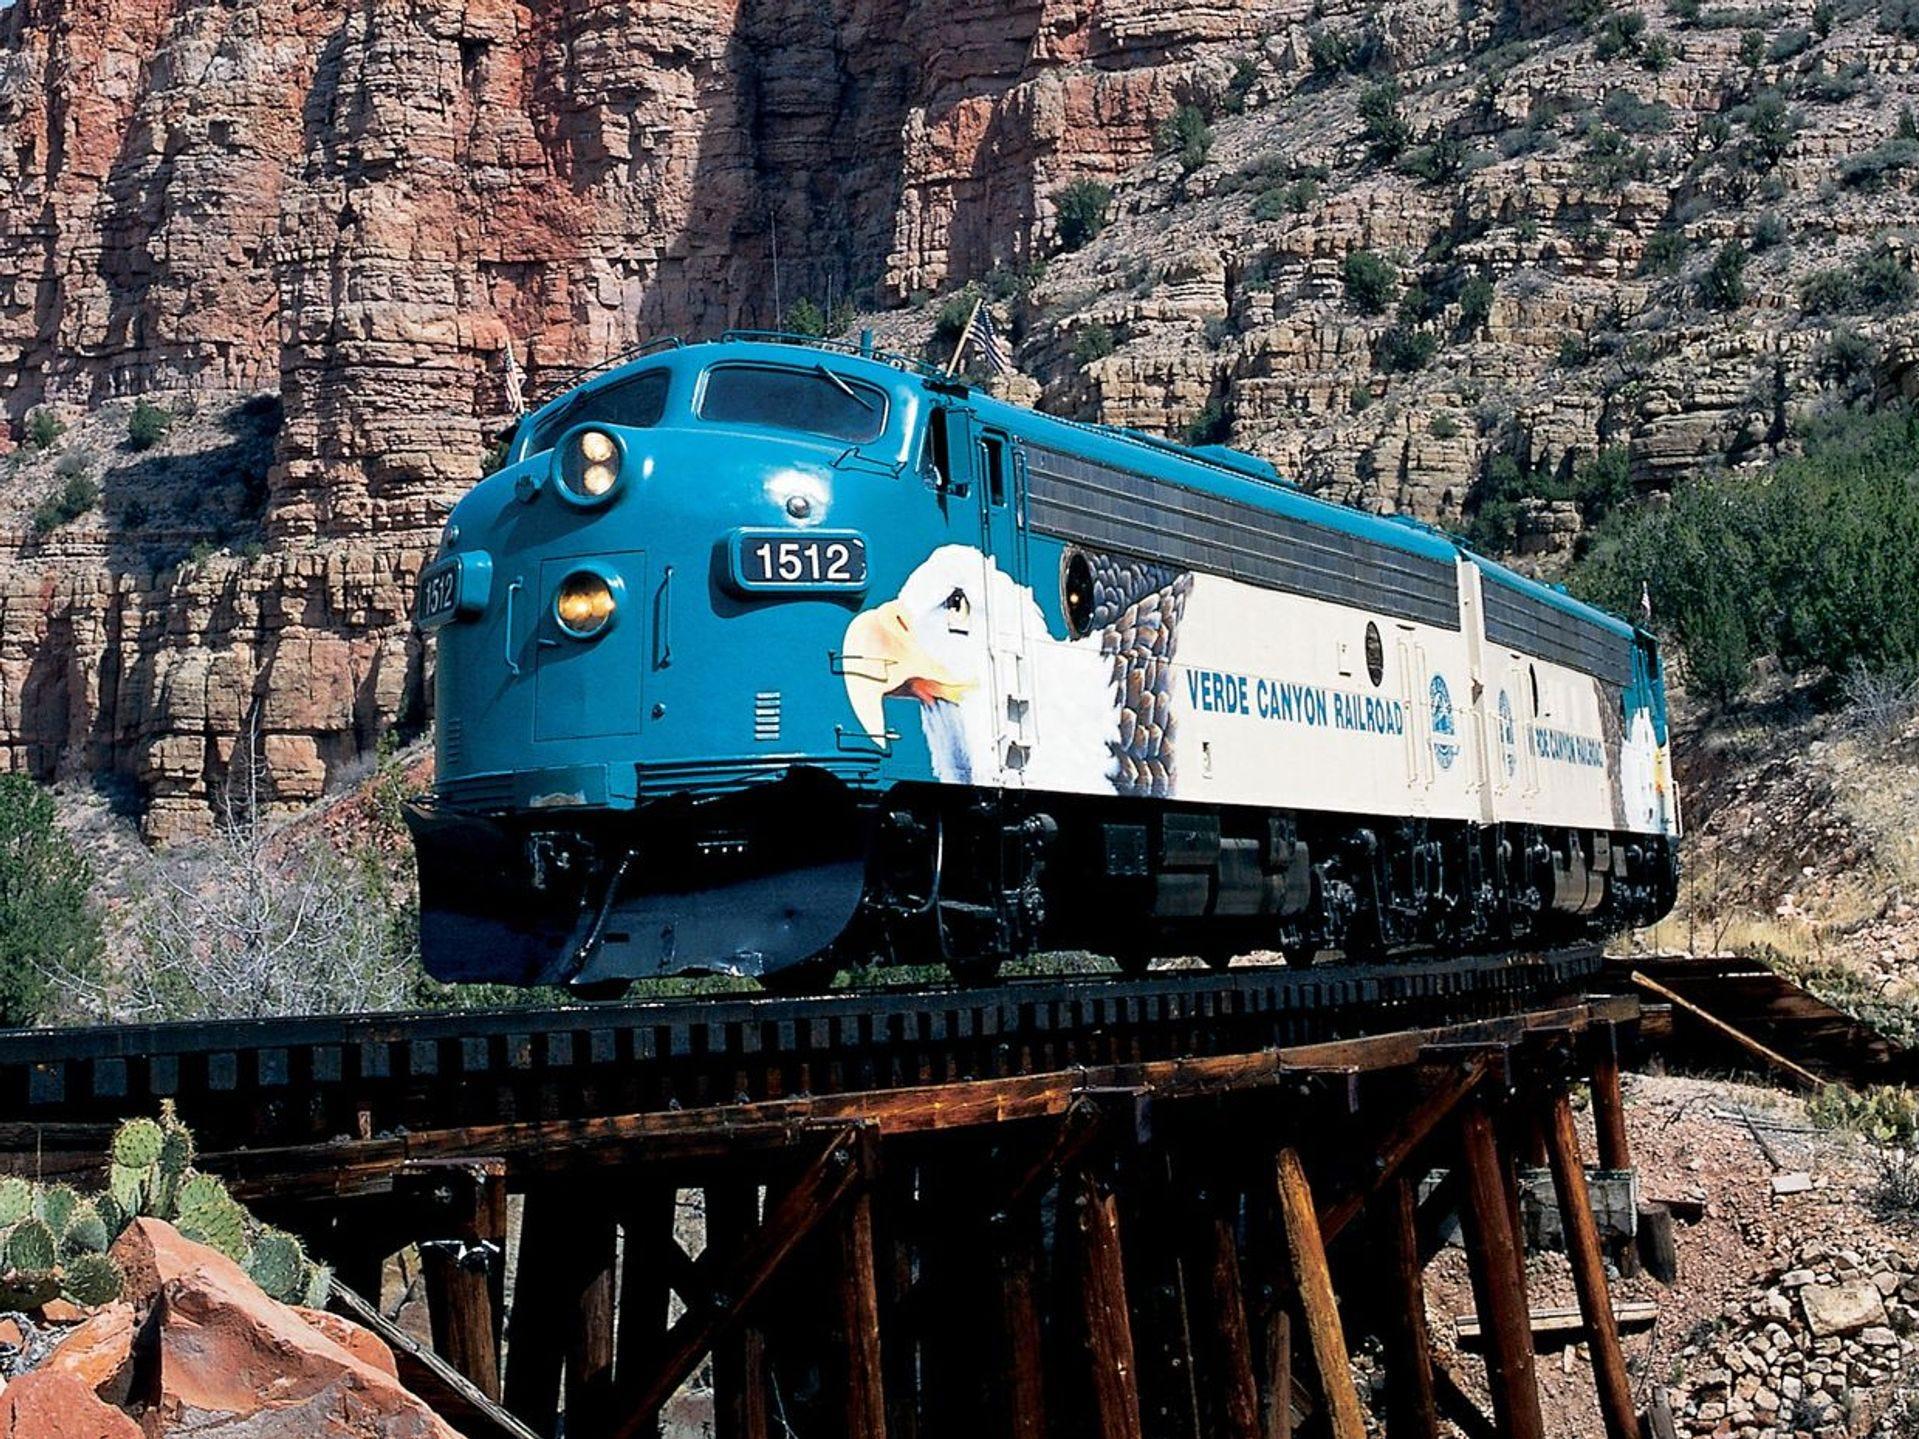 El ferrocarril Verde Canyon pasa por una antigua parada de tren llamada Sycamore. Verde Canyon Railroad corre entre Clarkdale y Perkinsville.